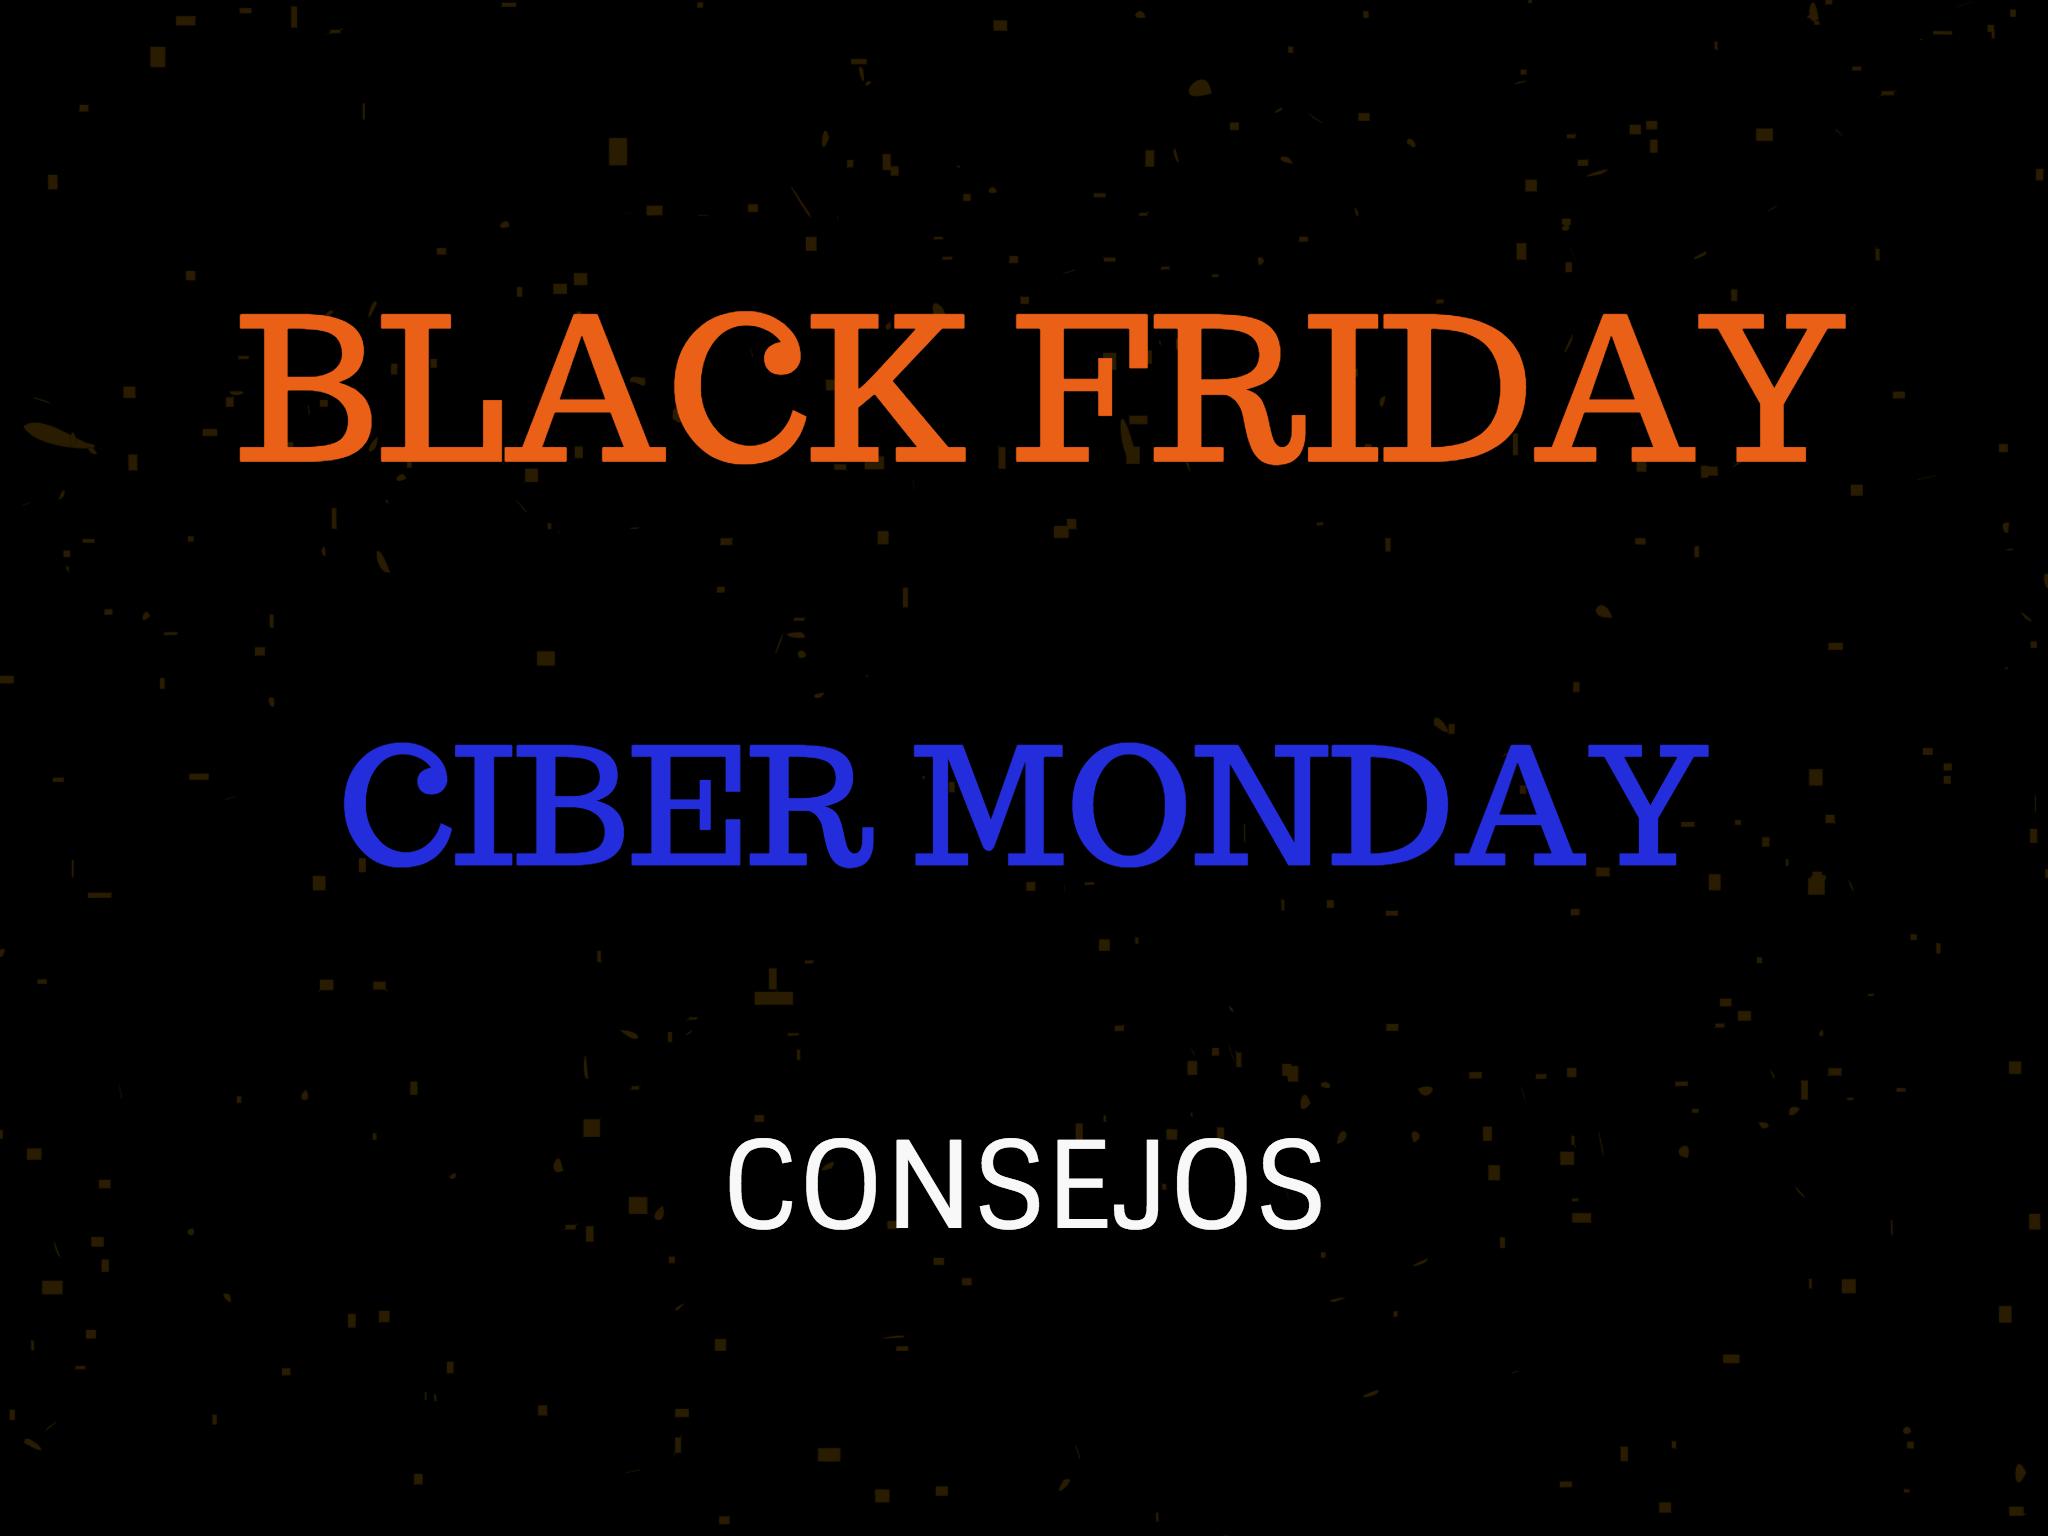 Black Friday y Ciber Monday: Consejos